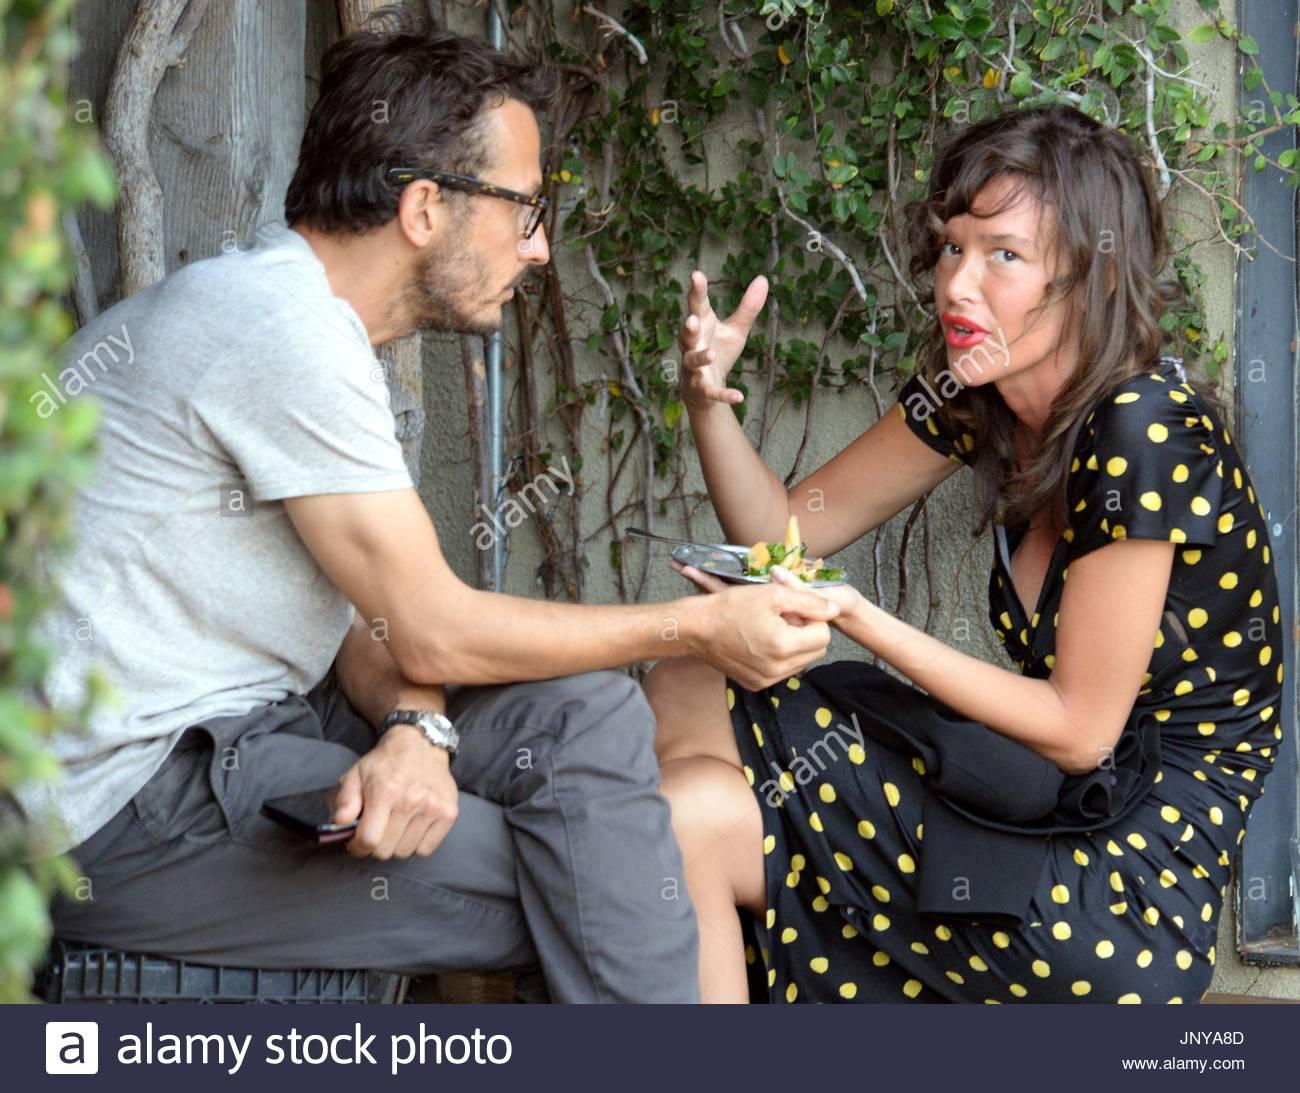 Paz de la huerta dating